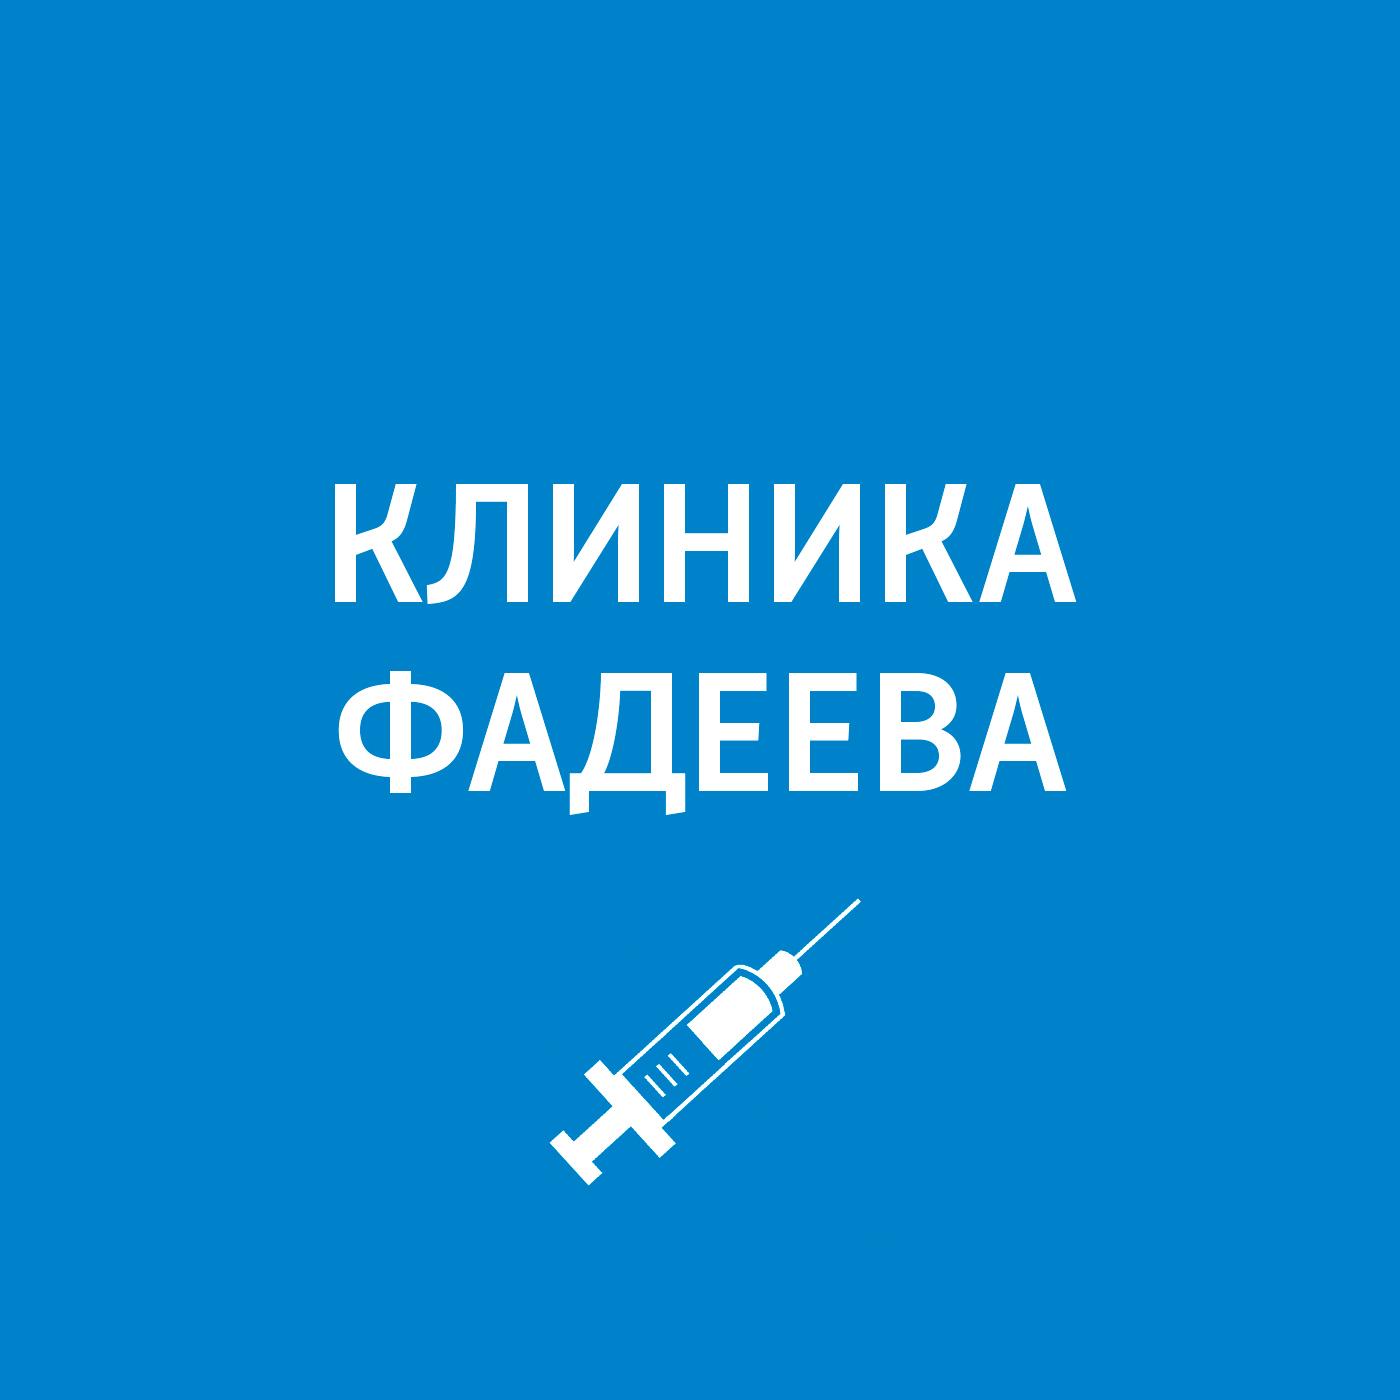 Пётр Фадеев Приём ведёт флеболог. Заболевания вен и артерий цена